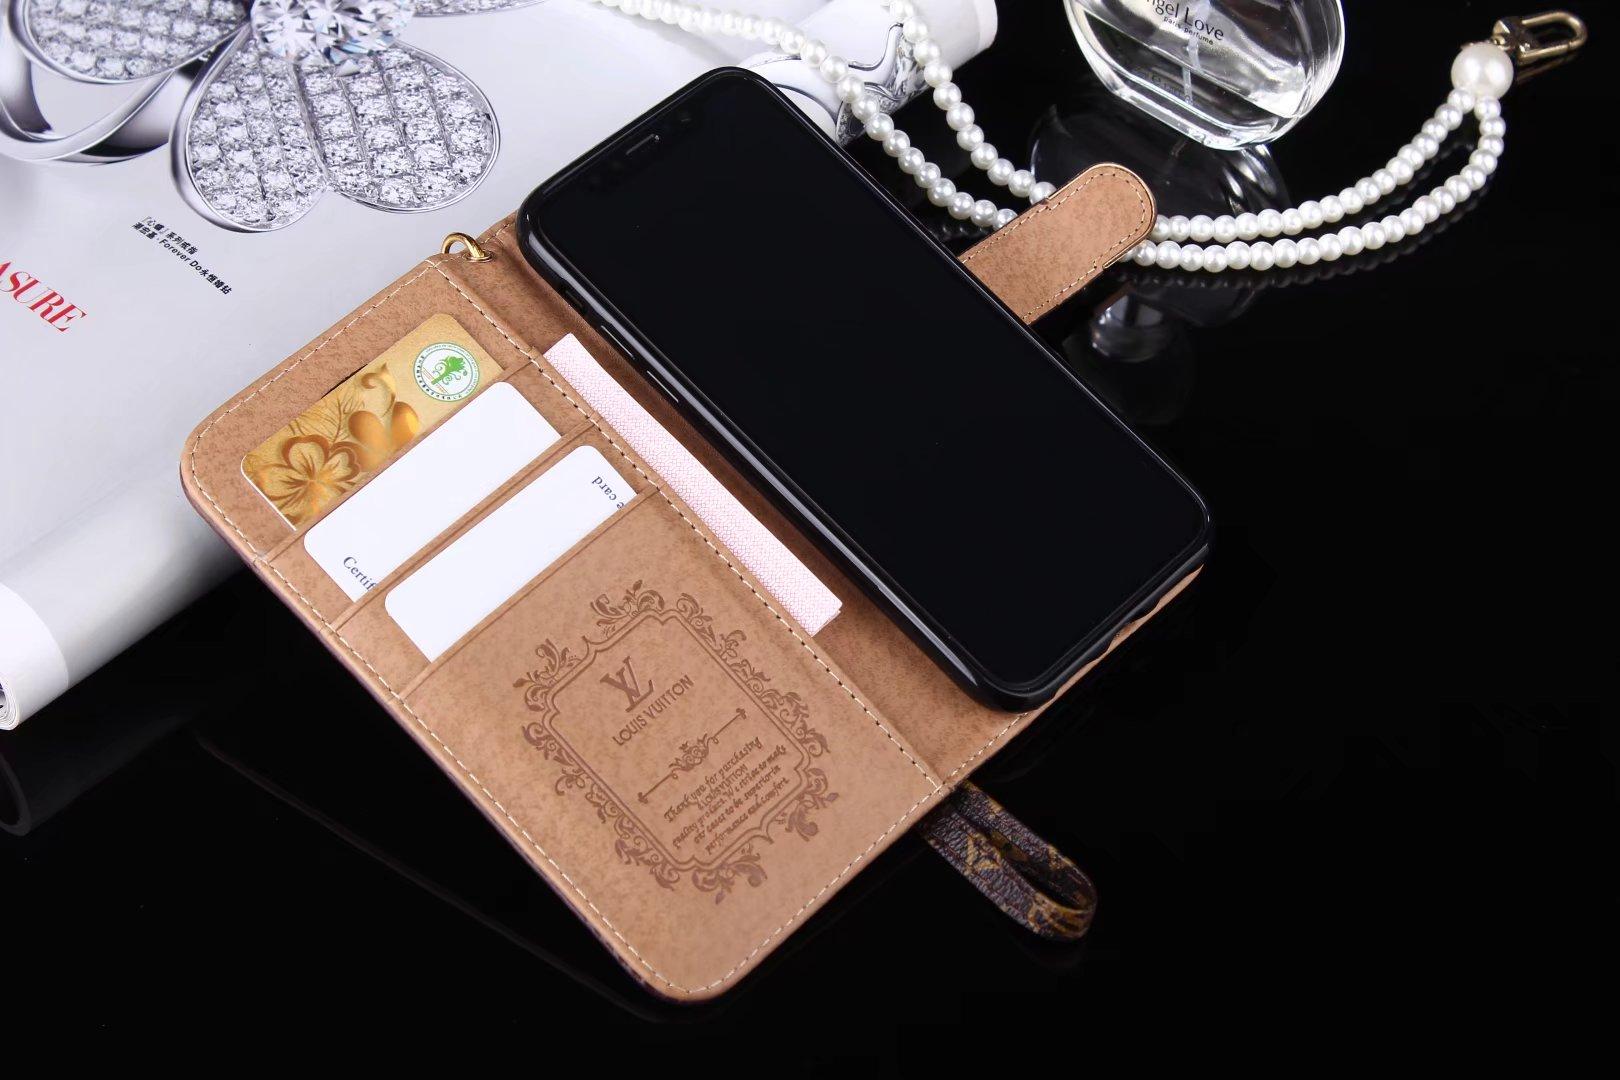 filzhülle iphone iphone hülle mit foto Louis Vuitton iphone X hüllen iphone X handyhülle Xlbst gestalten freitag iphone hülle dein design handyhülle apple zubehör iphone X iphone X gummihülle erscheinung iphone X